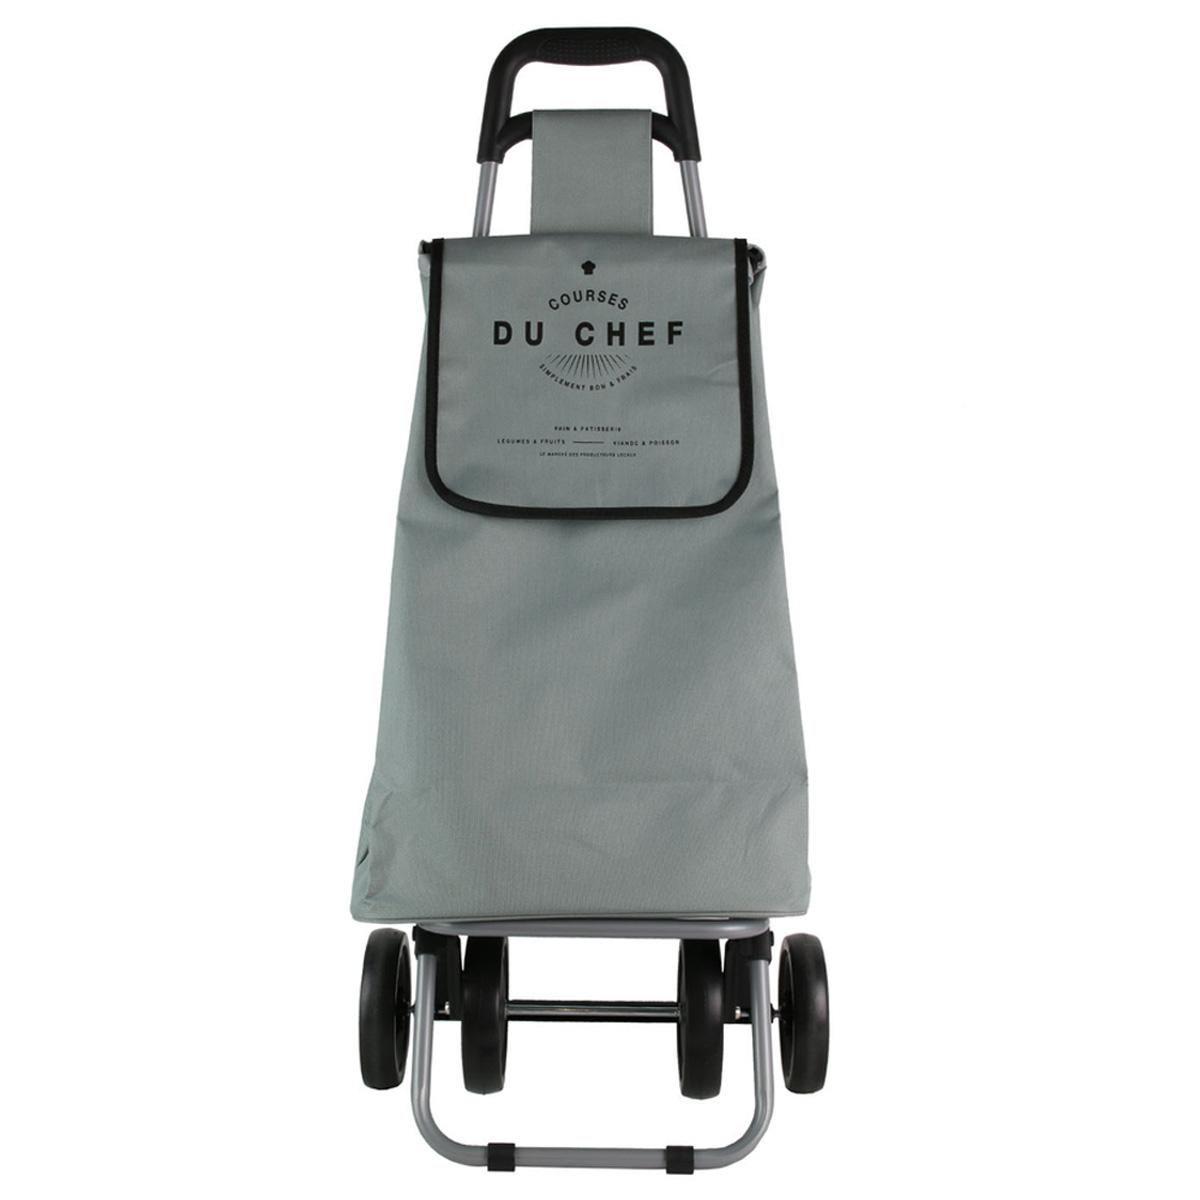 Caddy de course / Chariot shopping pliable \'Courses du Chef\' gris - 4 roues - [R0349]